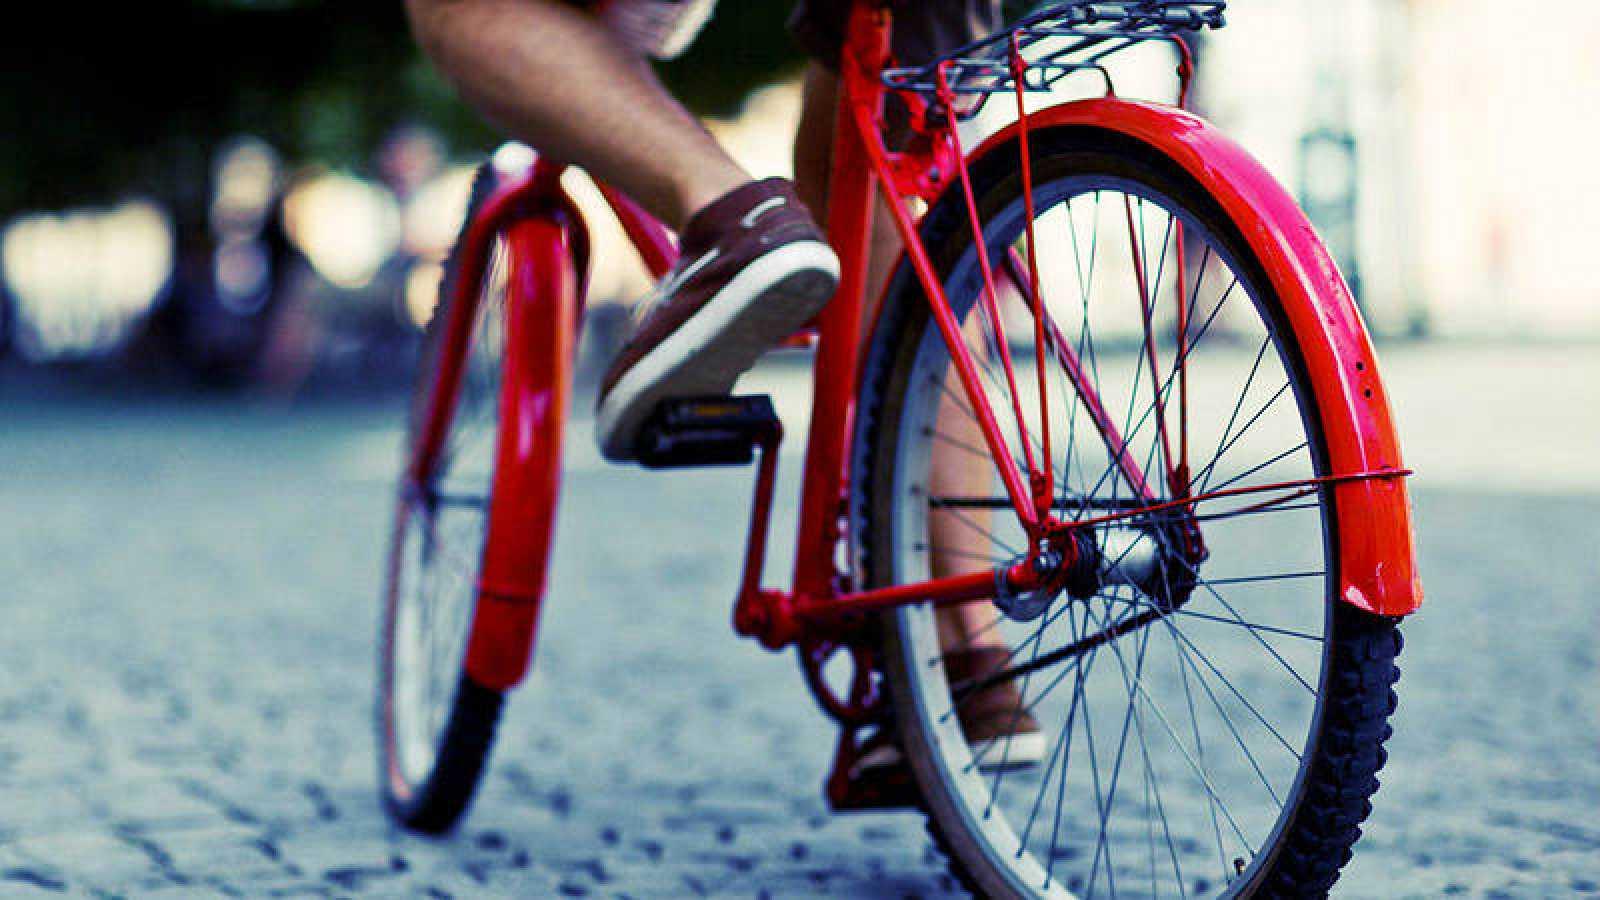 'Memoria de delfín' celebra el Día Mundial de la Bicicleta